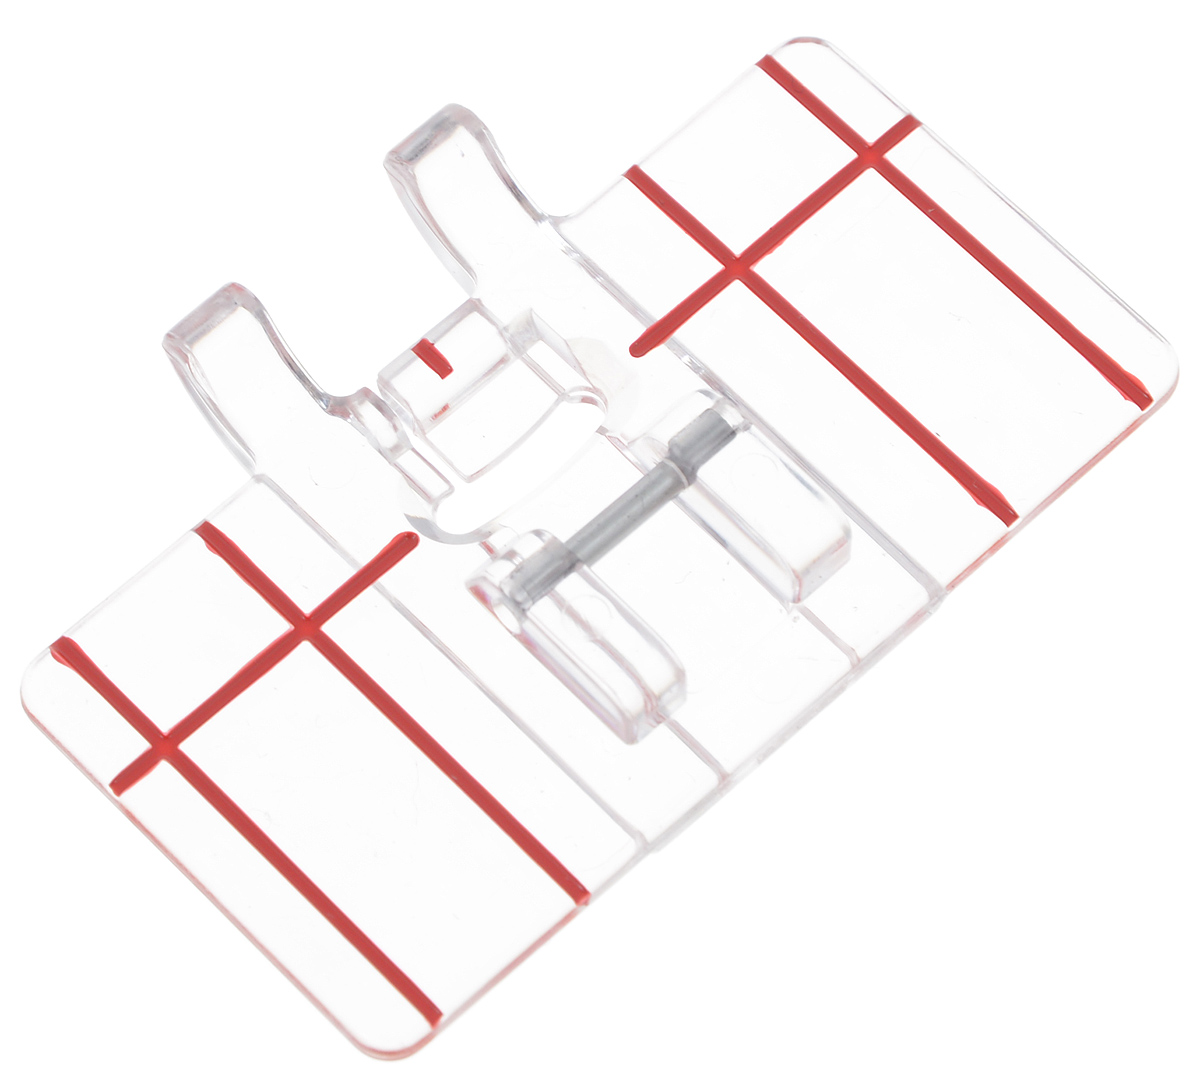 Лапка для швейной машины Aurora, с разметкой, для параллельных швов1404Лапка для швейной машины Aurora используется для прокладывания параллельных декоративных строчек. Подходит для большинства современных бытовых швейных машин. Инструкция по использованию прилагается.